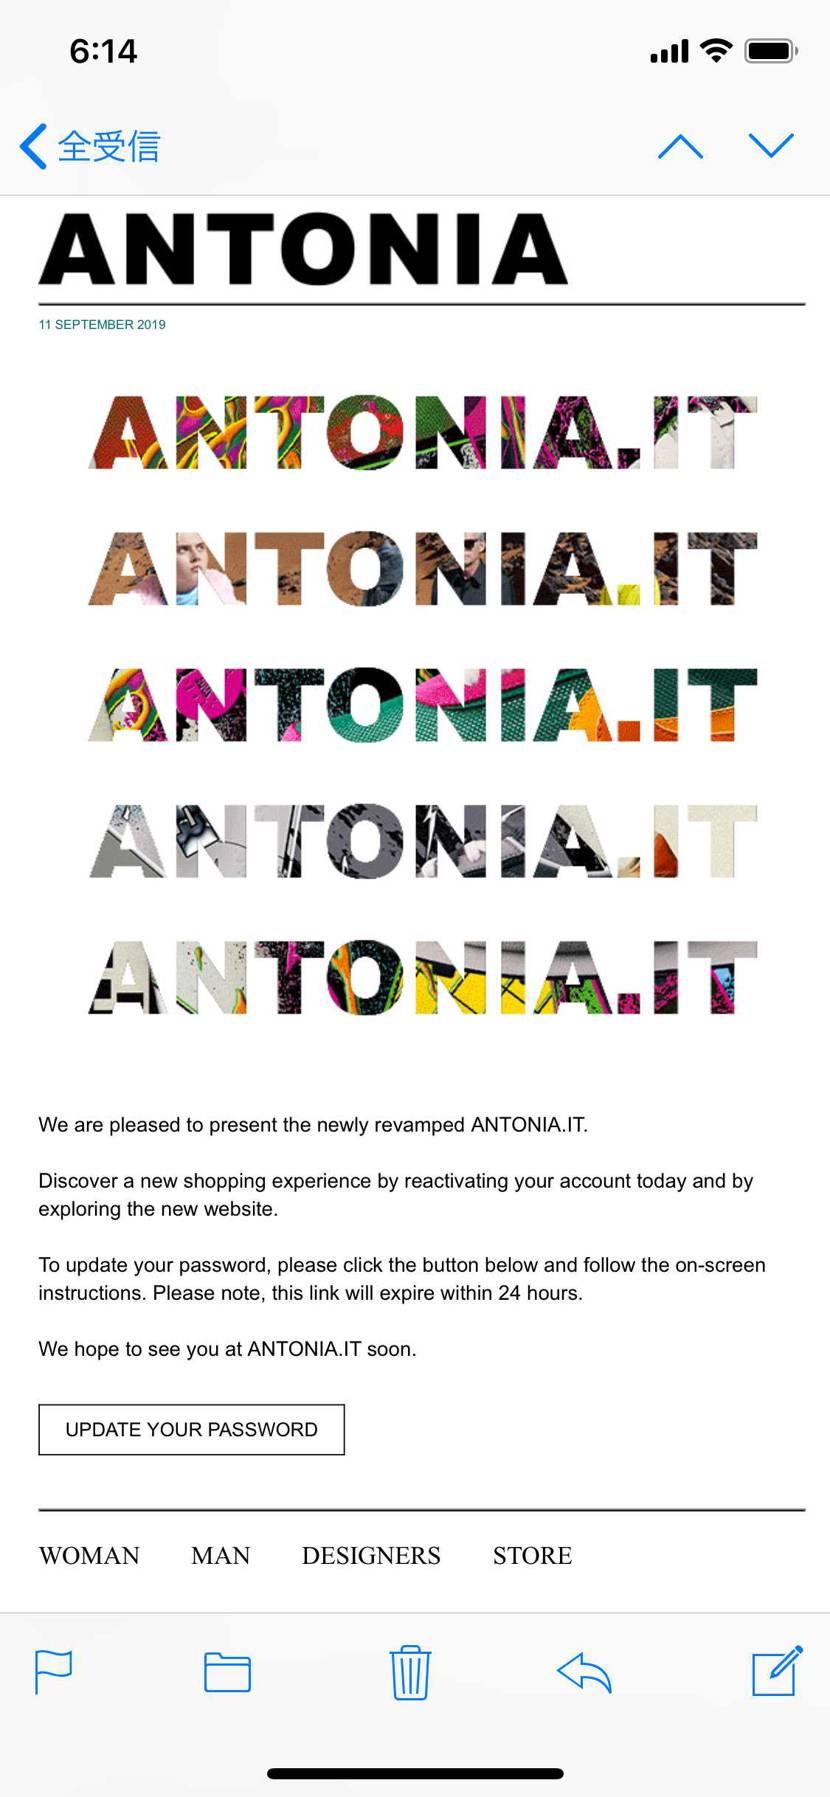 おはようございます。 ANTONIAからパスワードのアップデートしてくれって夜